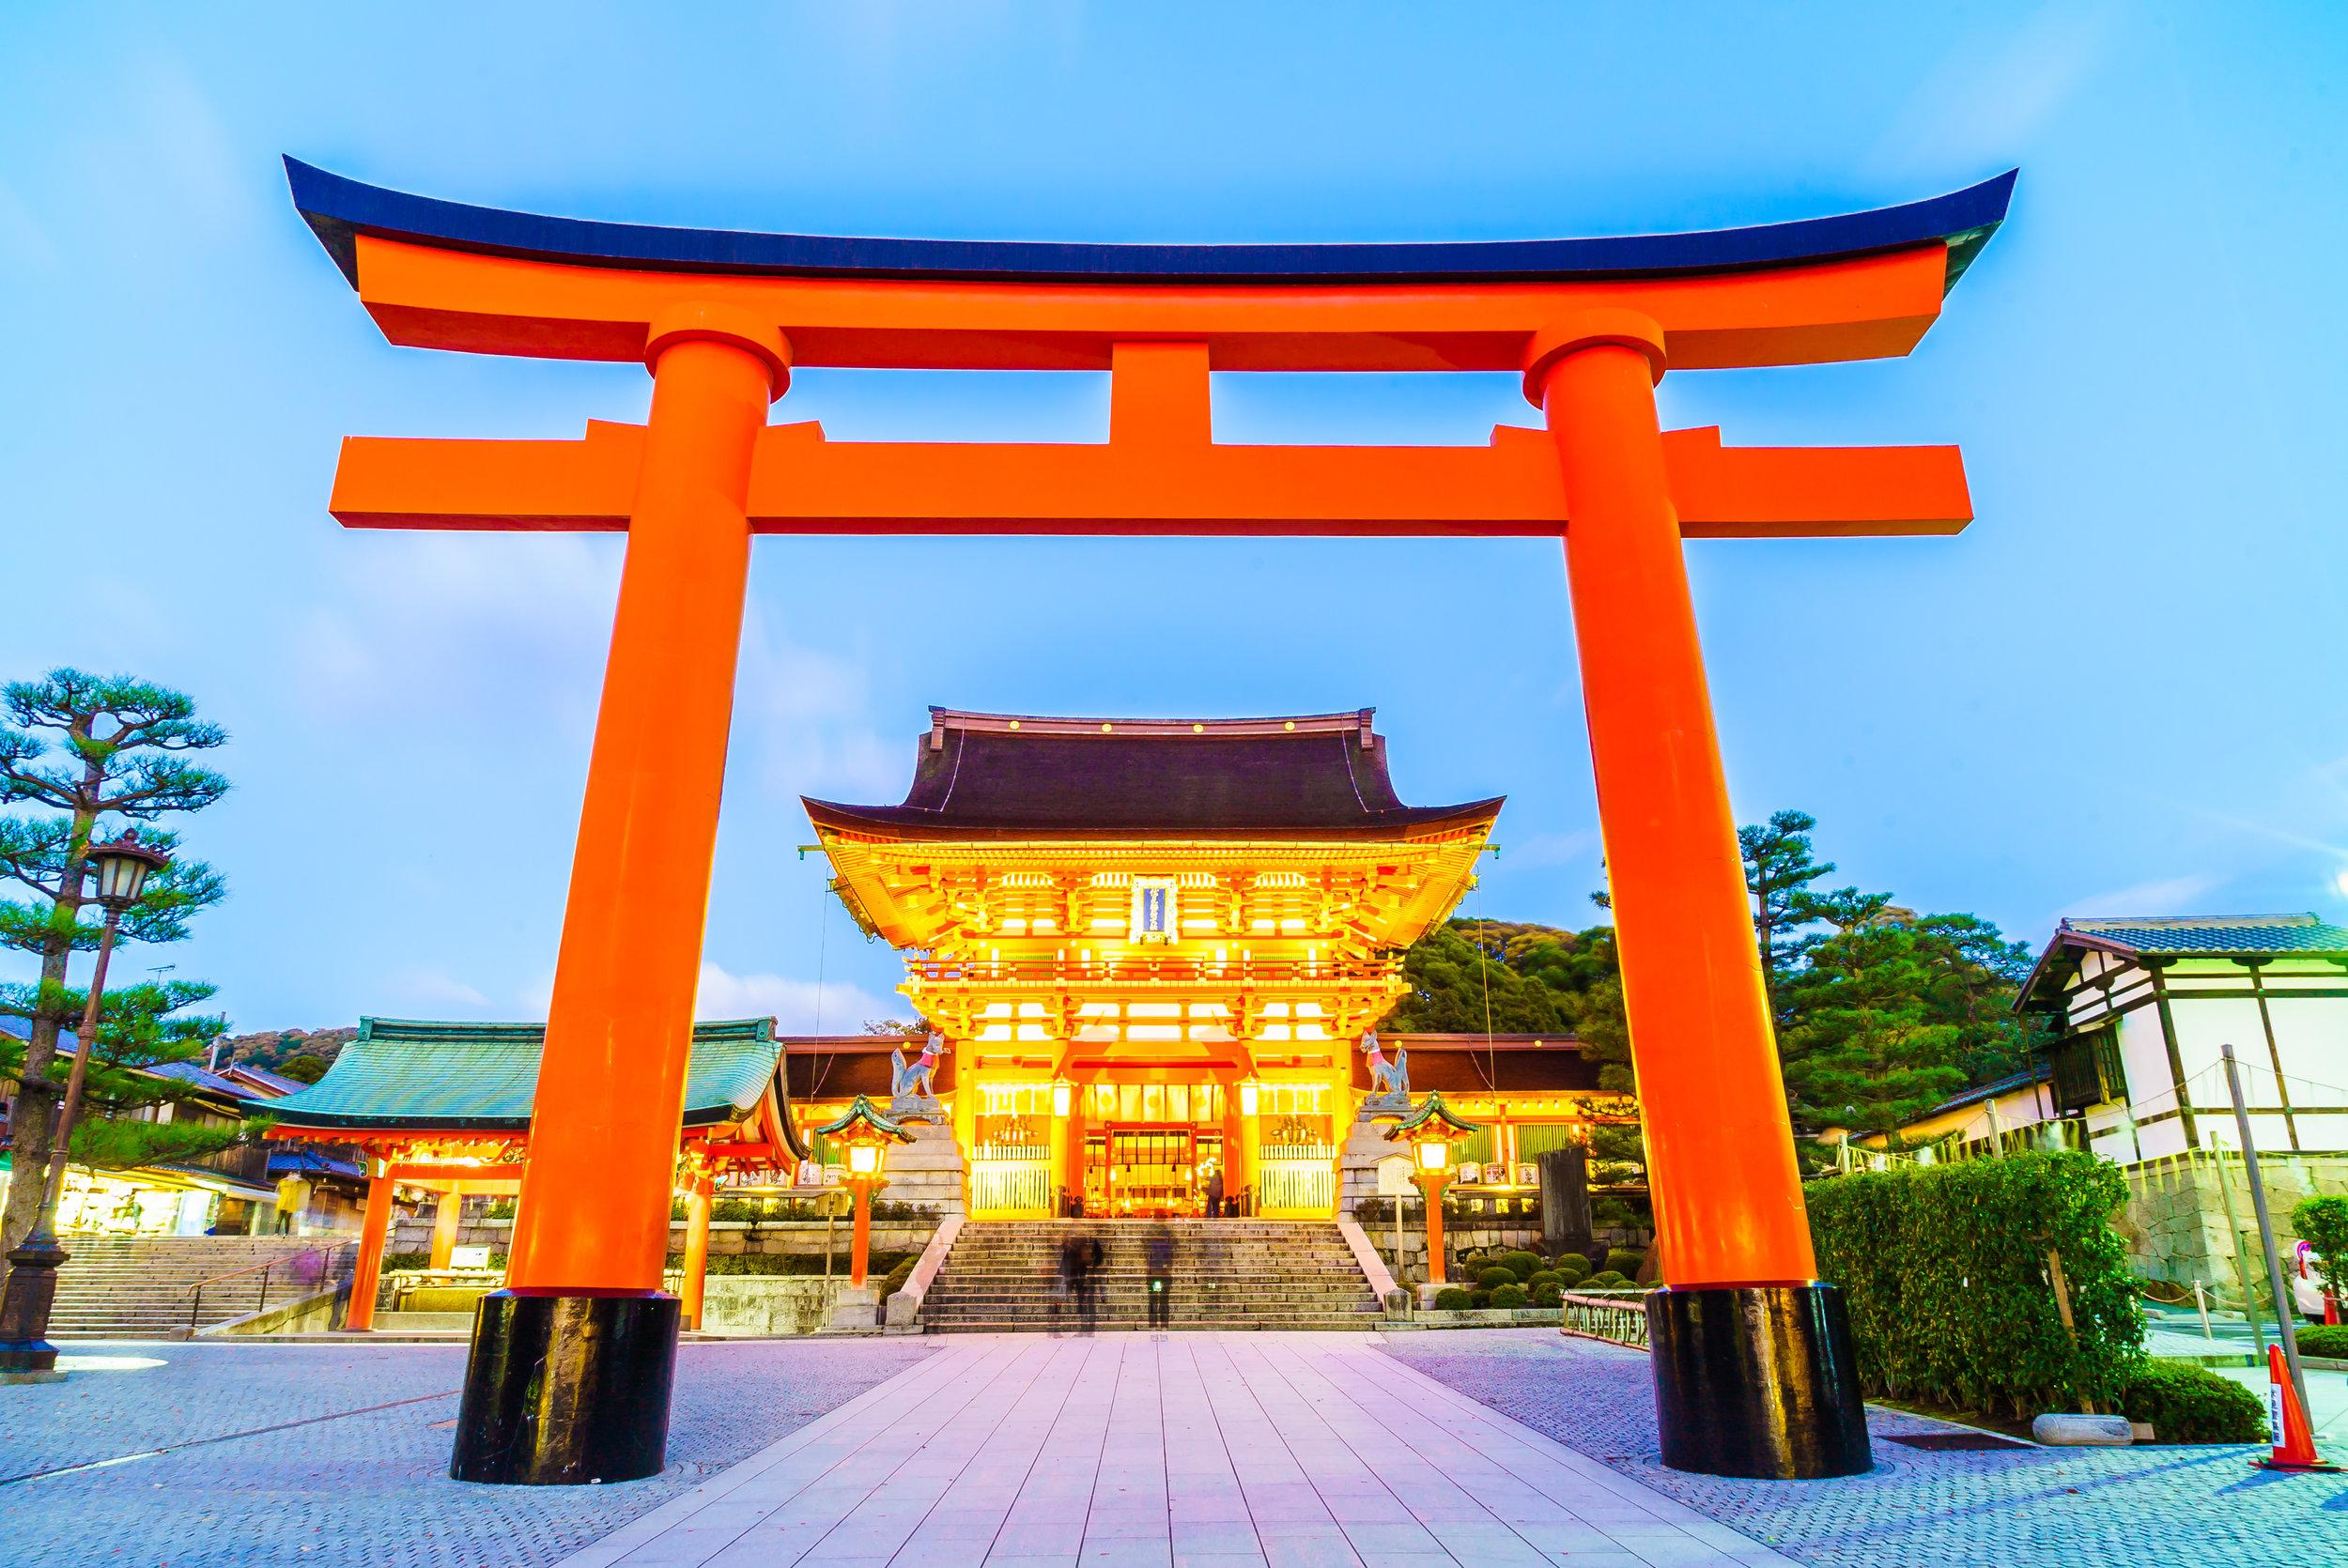 Il torii (鳥居) è il tradizionale portale d'accesso giapponese che porta ad un jinja (santuario shintoista) o, più semplicemente, ad un'area sacra.